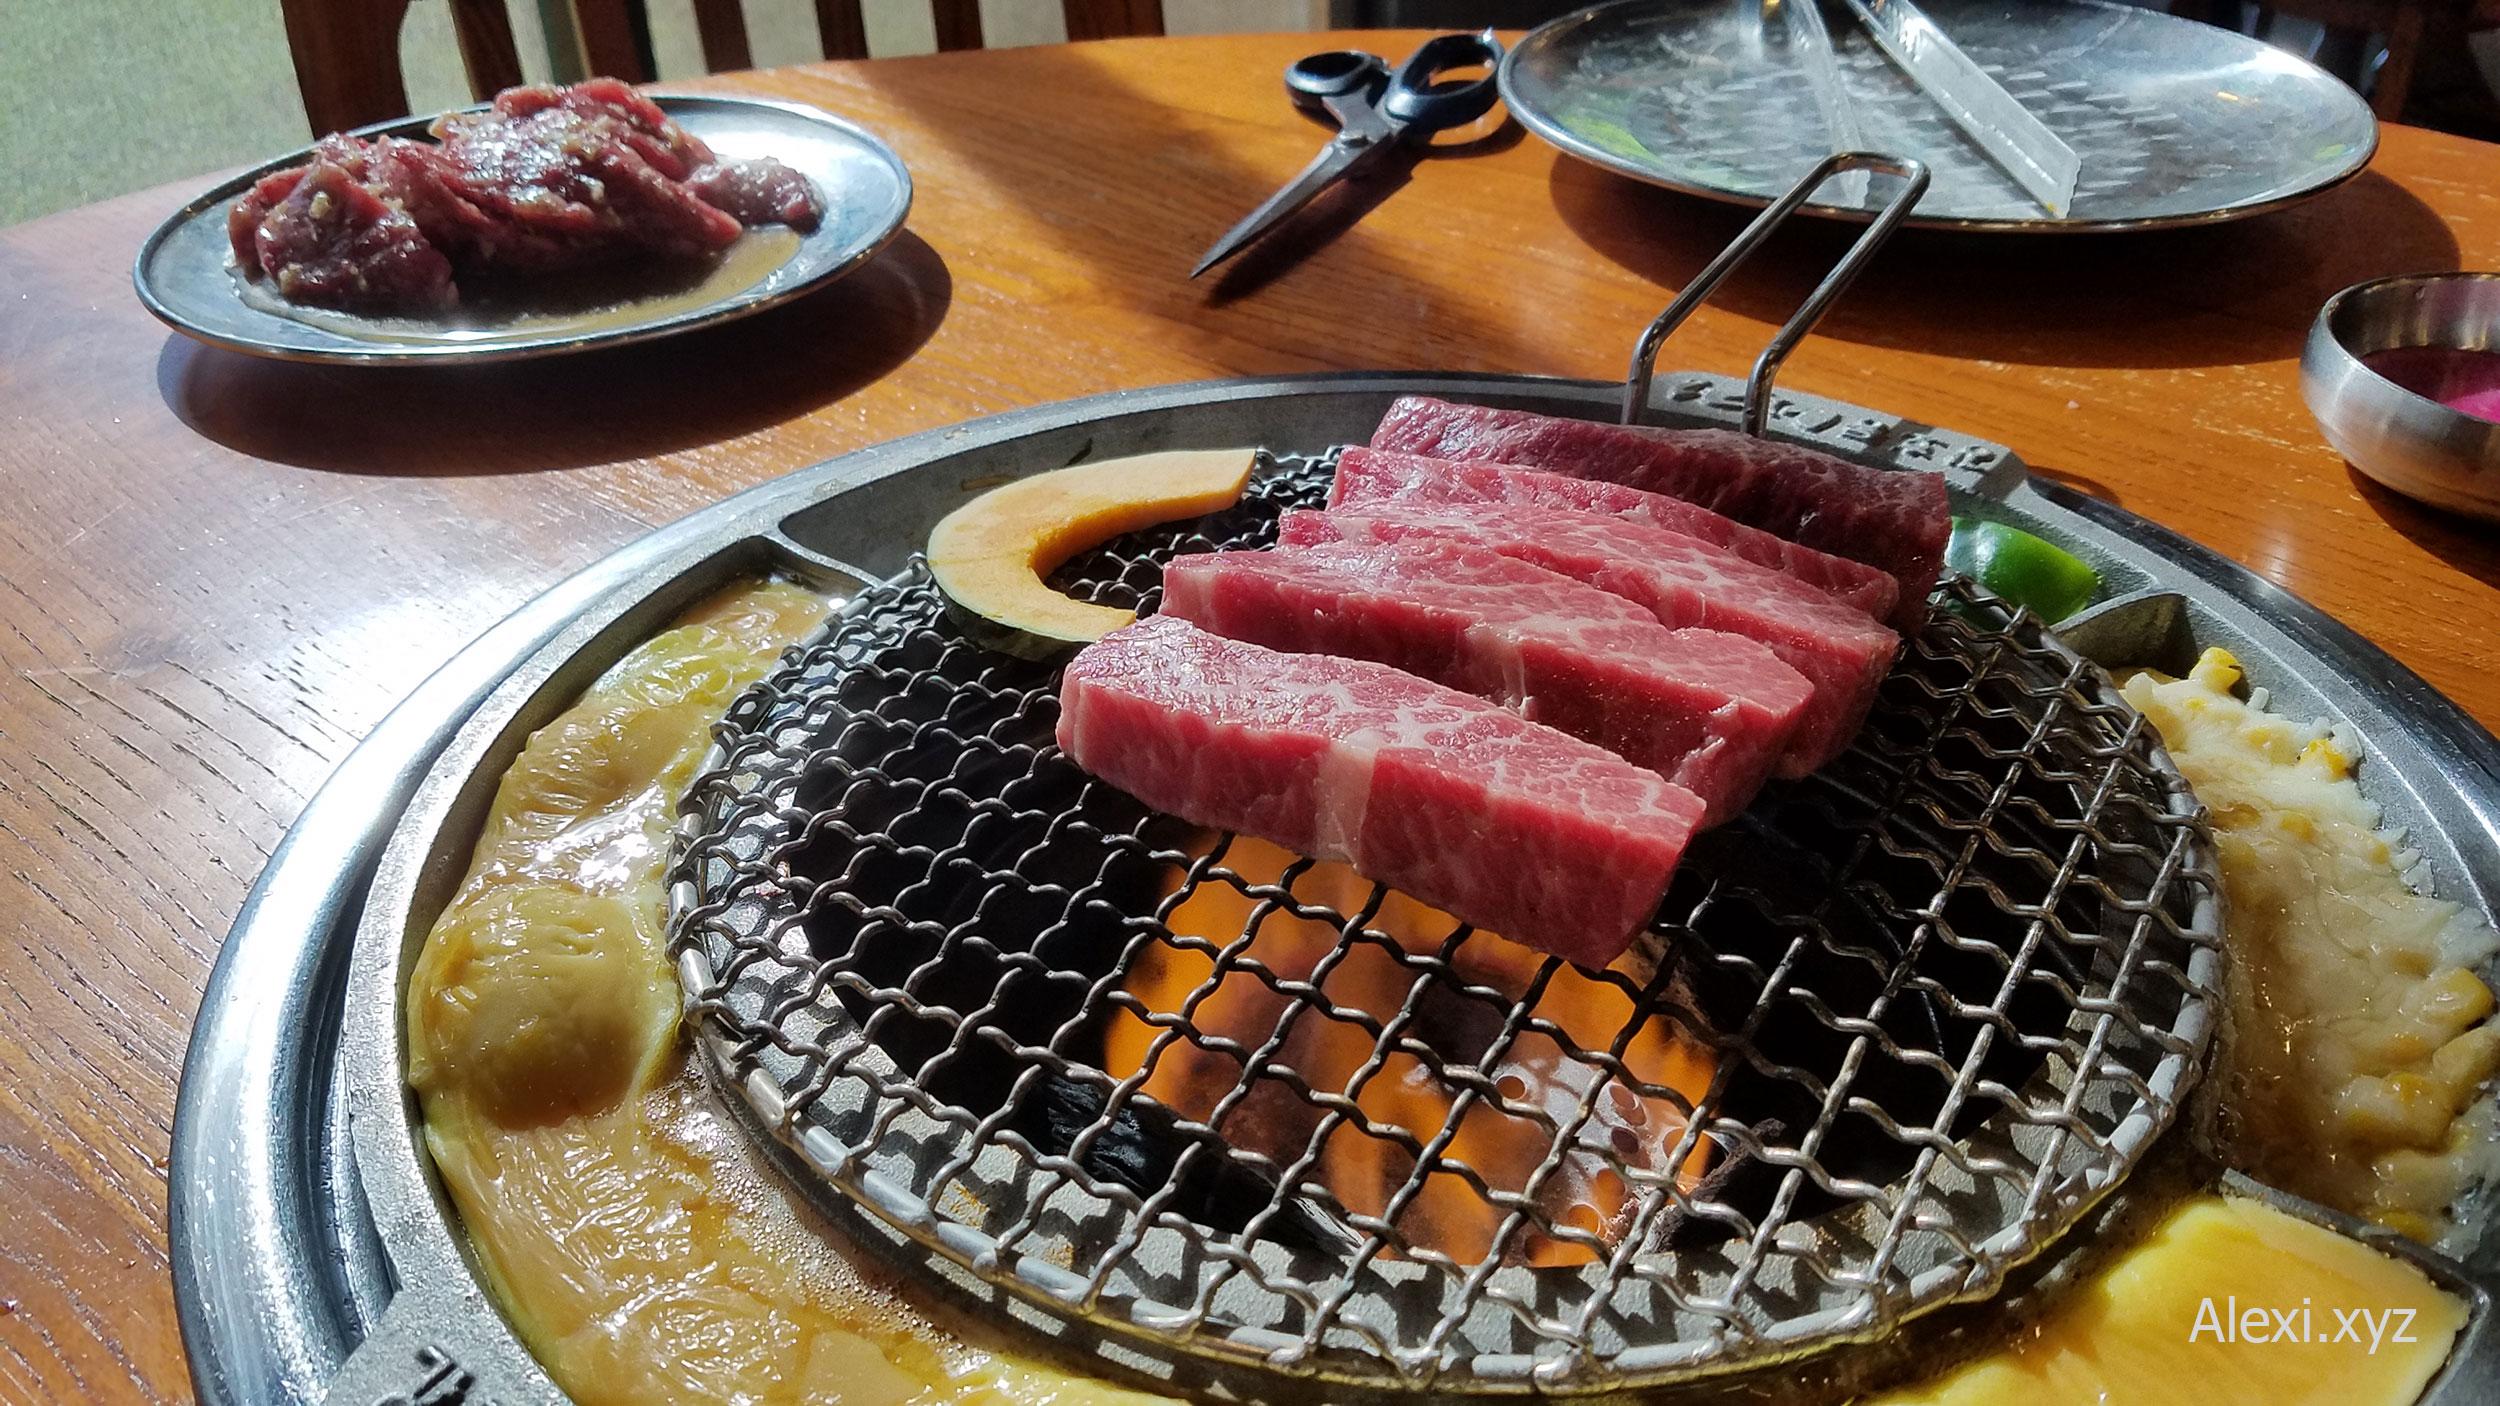 My favorite prime boneless short rib on the grill at Kang Ho-dong Baekjeong